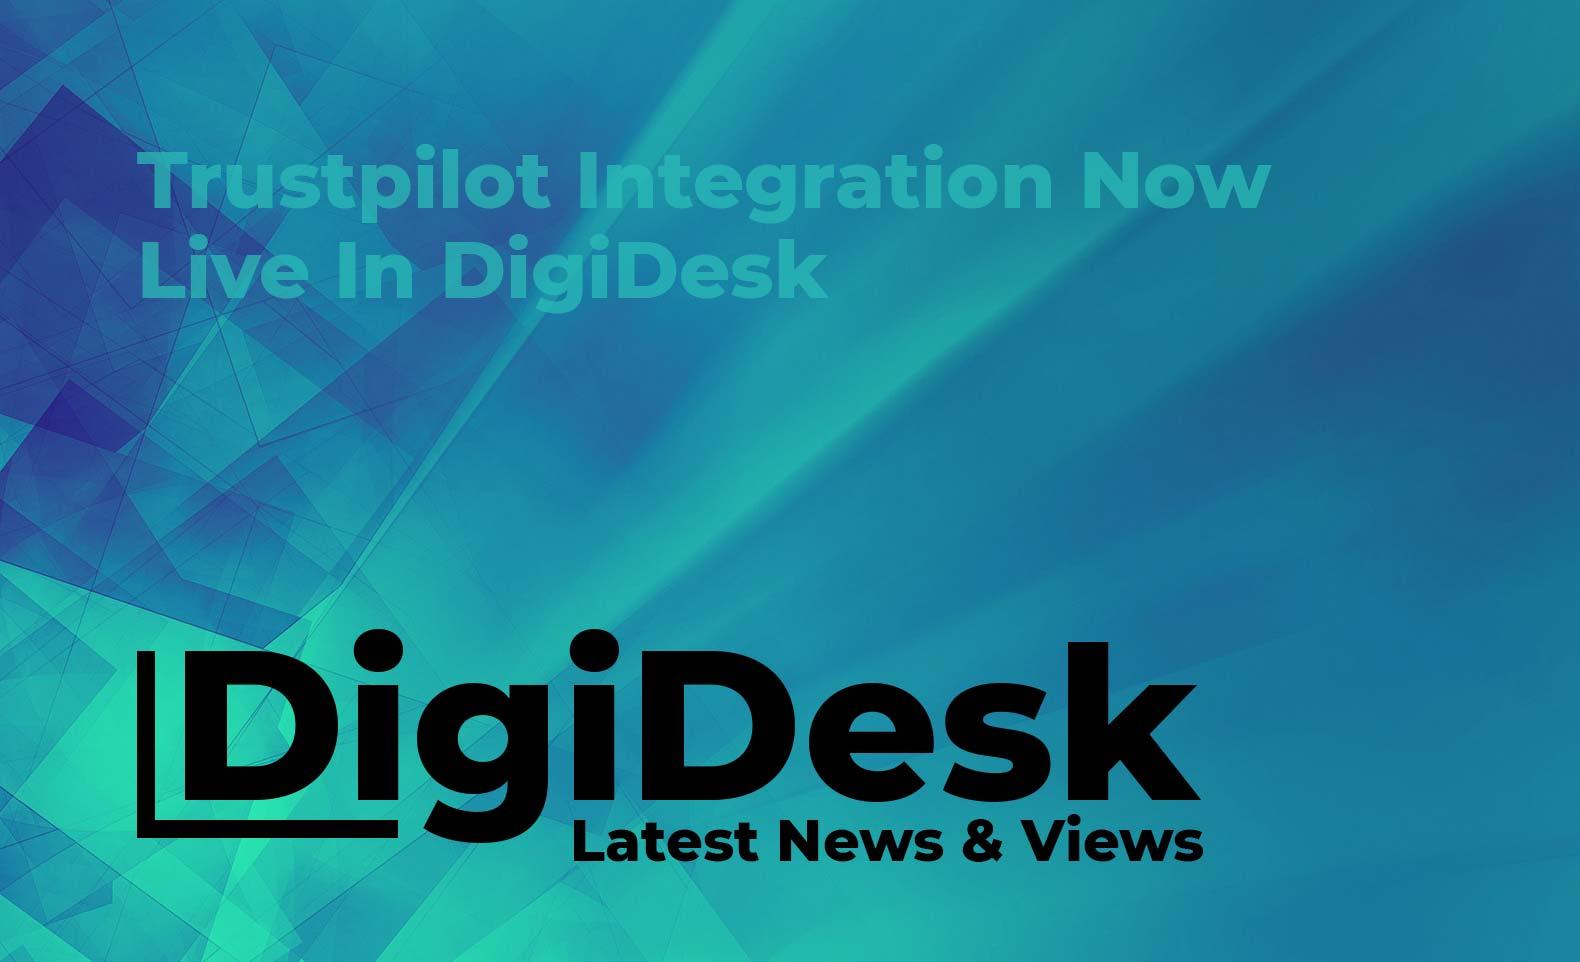 Blog banner - Trustpilot integration now live in DigiDesk